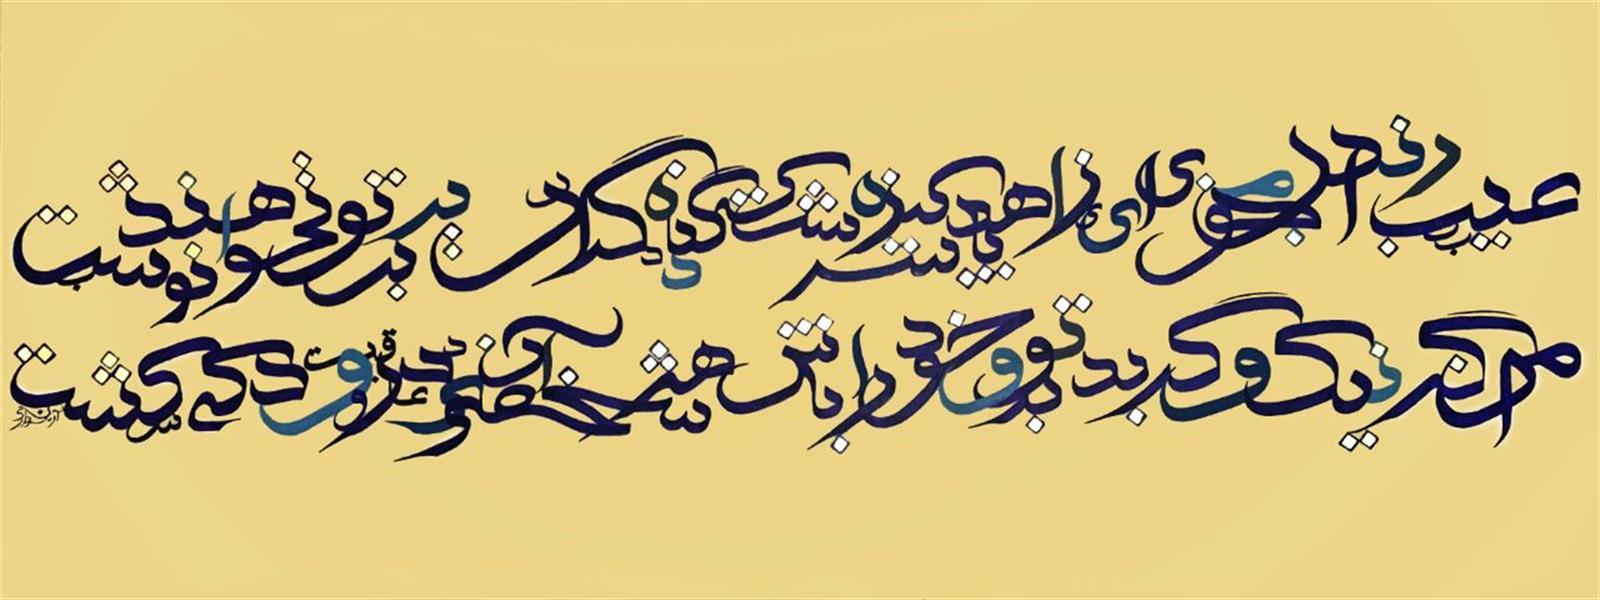 هنر خوشنویسی محفل خوشنویسی arman sardari اکرلیک روی بوم 1.5×70